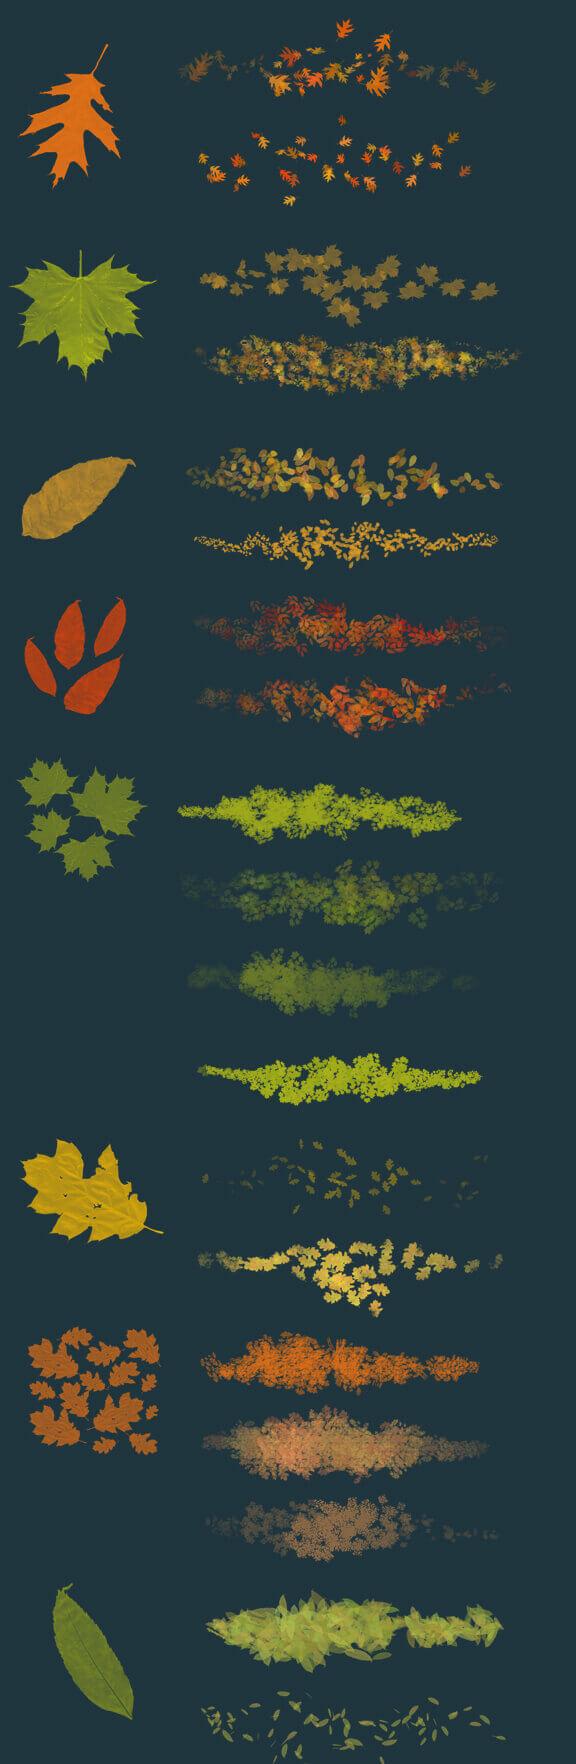 フォトショップ ブラシ Photoshop Brush 無料 イラスト 草 雑草 植物 葉 プランツ Leaves - photoshop brushes